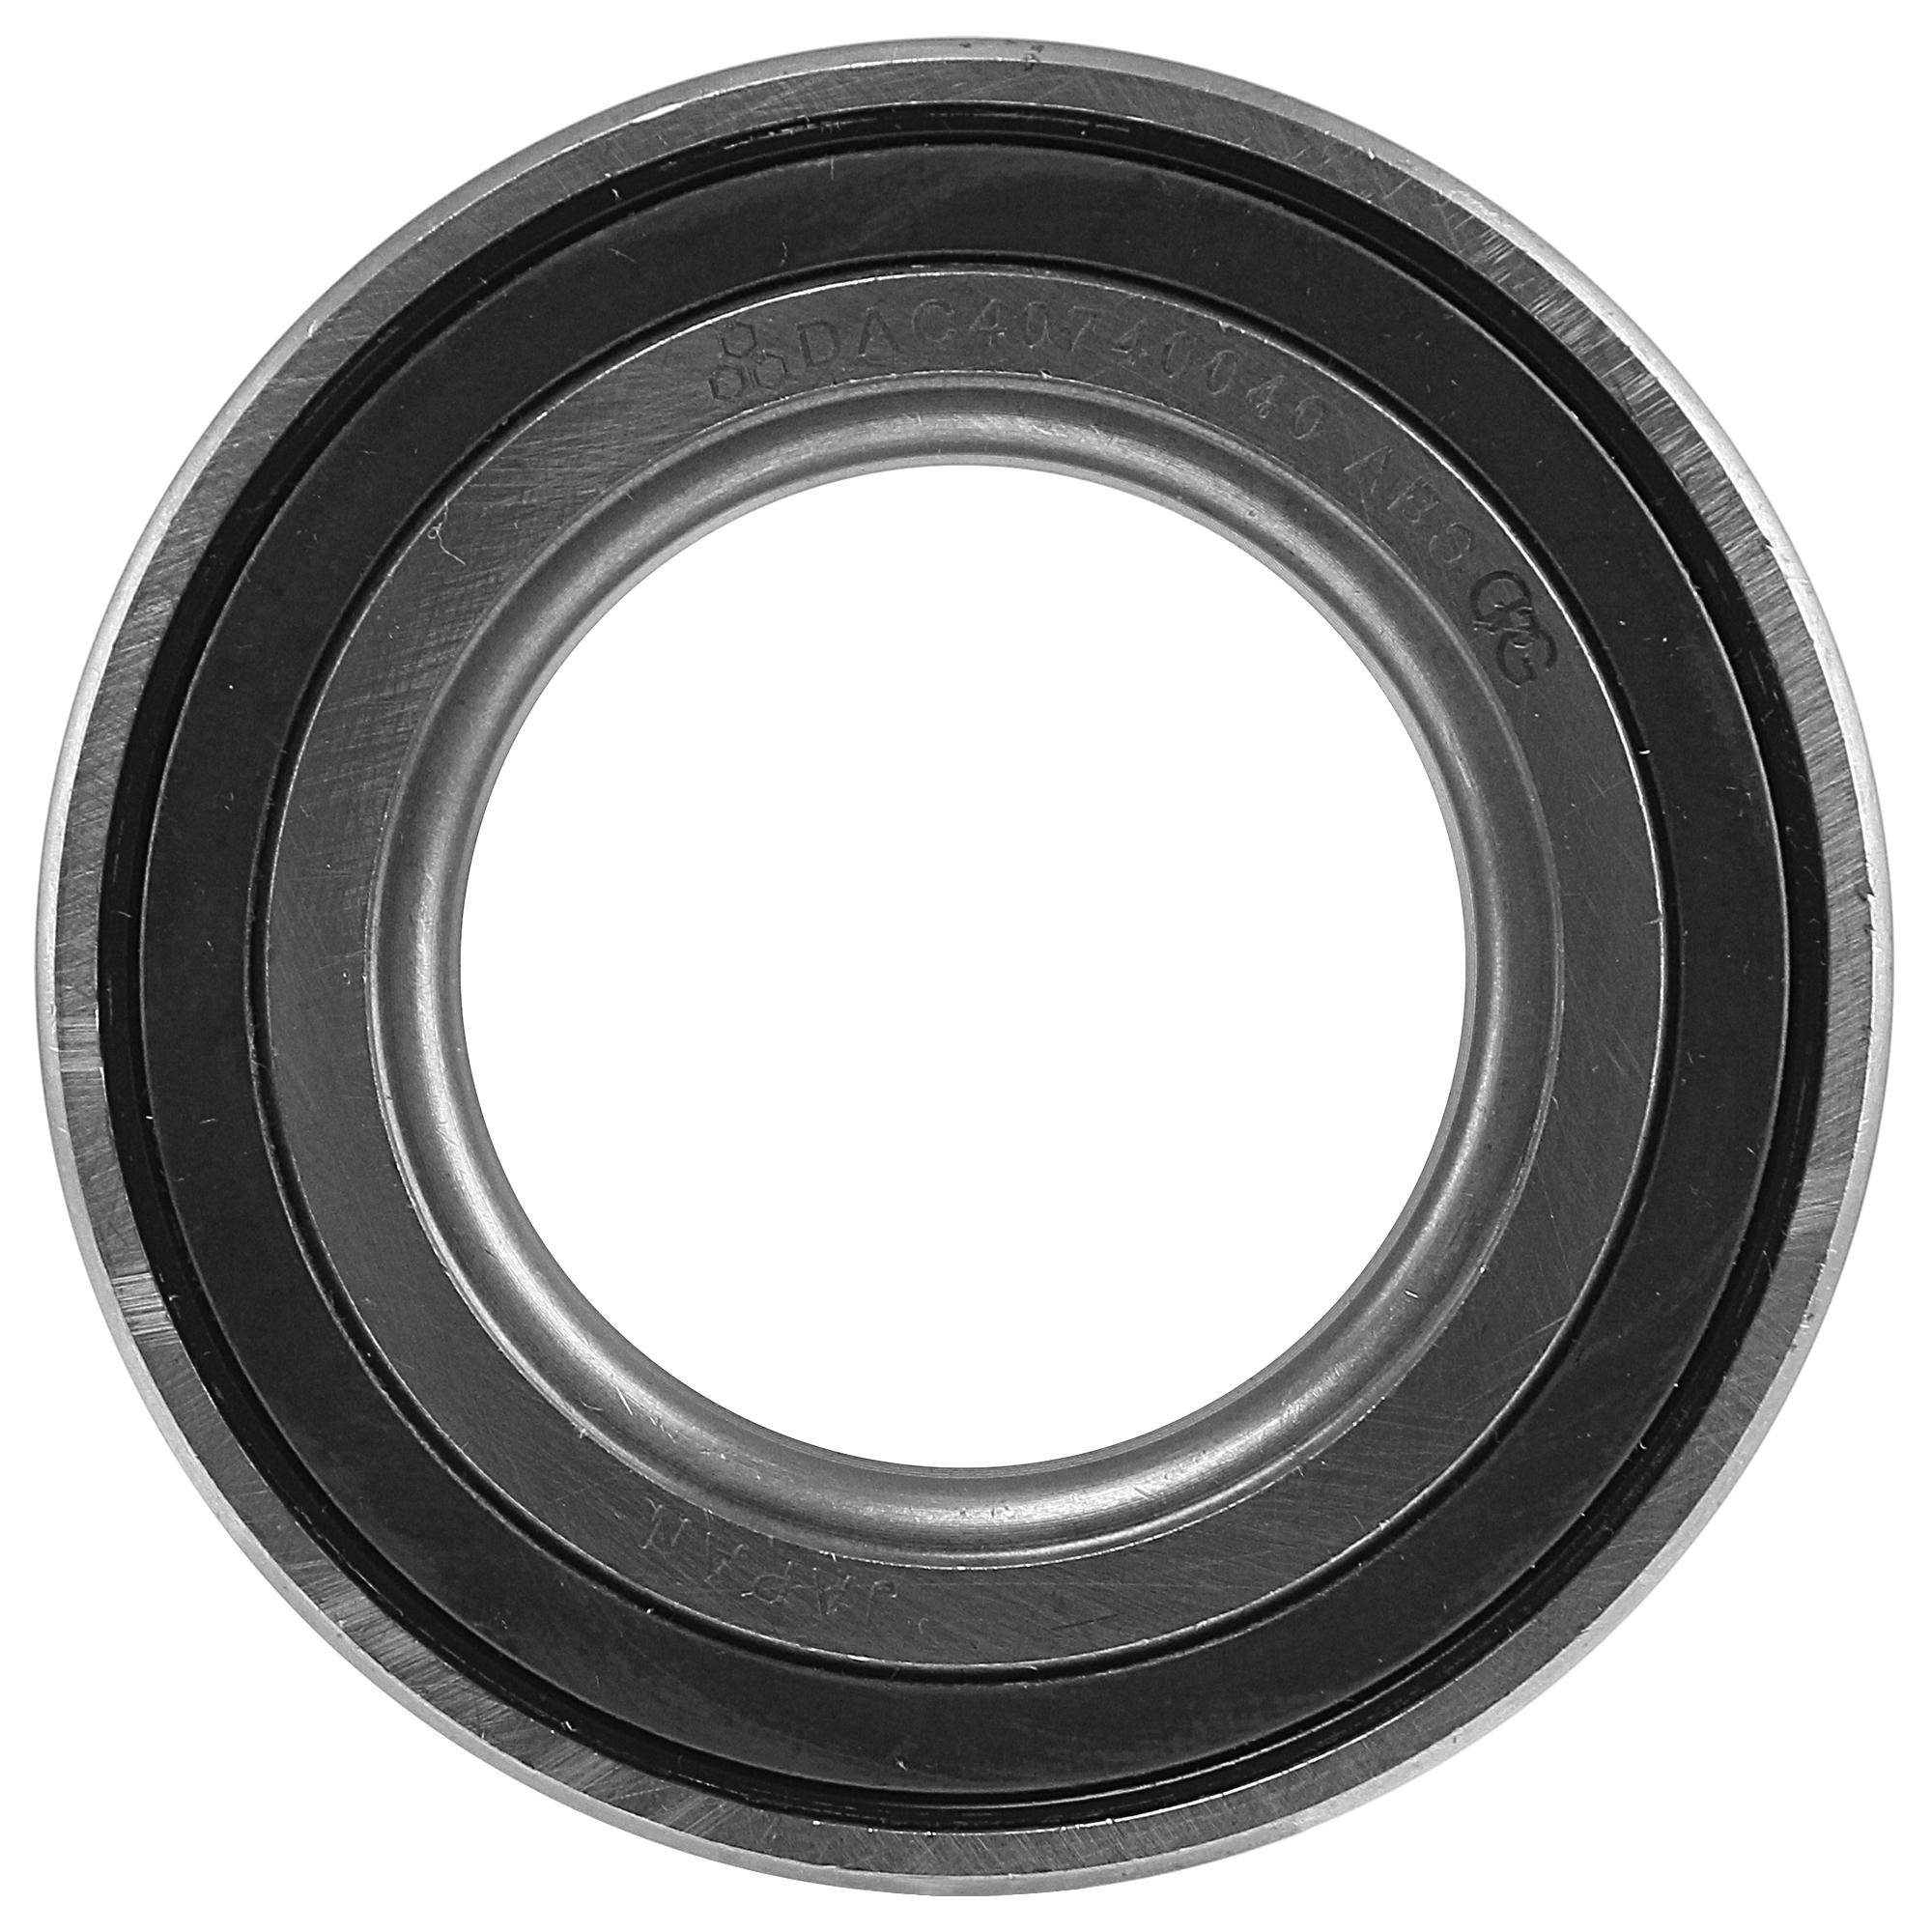 بلبرينگ چرخ جلو جي پي جي مدل DAC 4075 مناسب براي ولكس C30